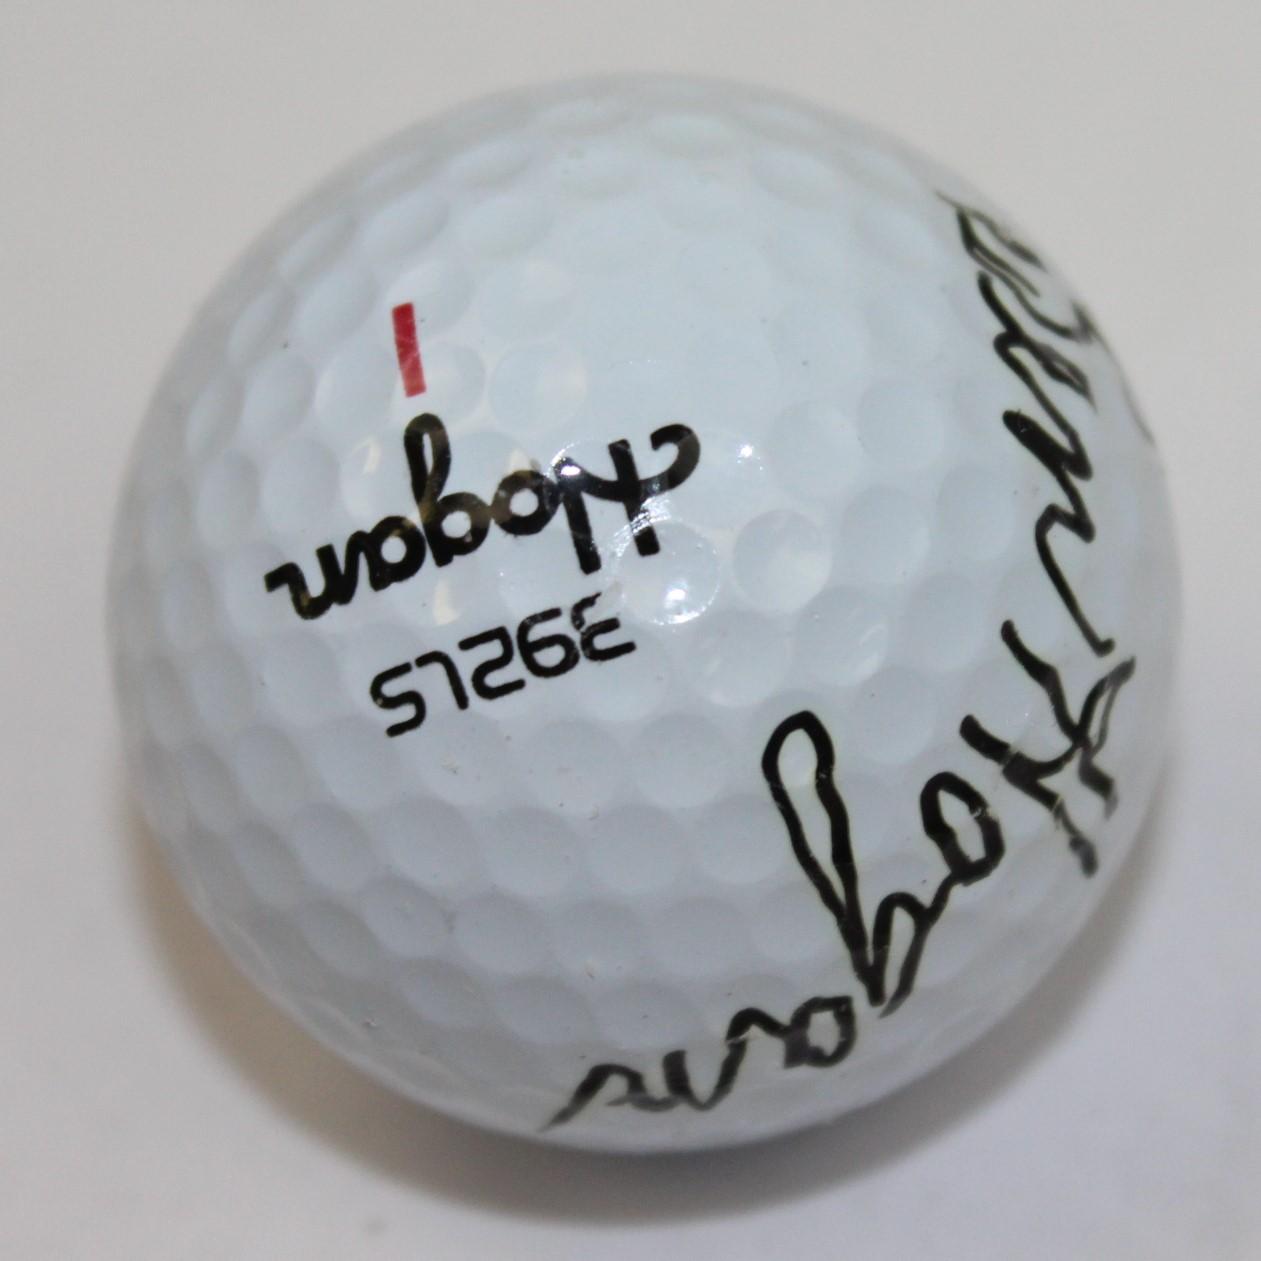 hogan golf ball